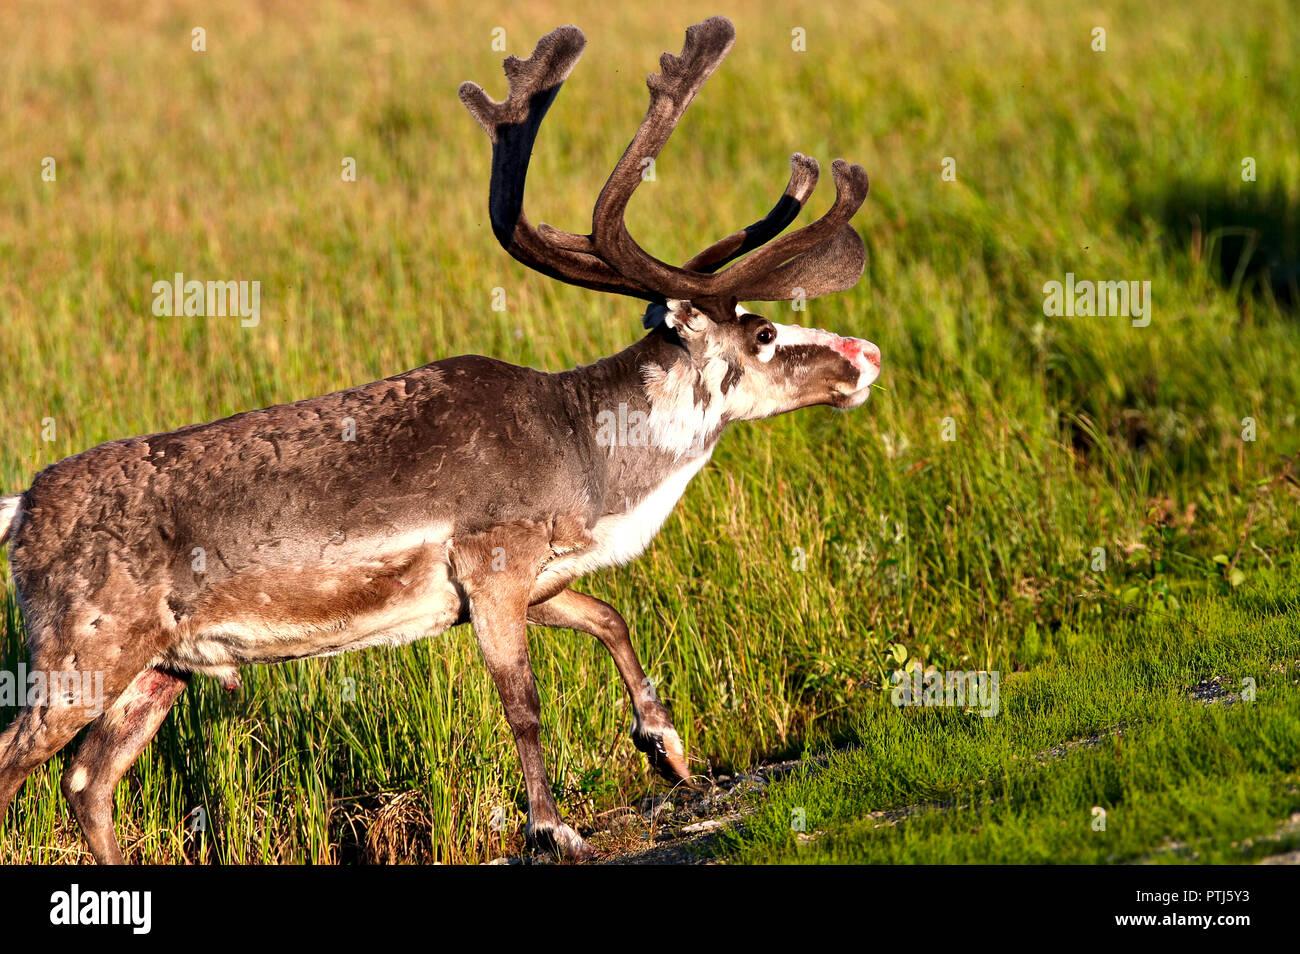 Bois de renne avec de gros nez rouge et de refroidissement sur le champ dans soleil du soir. Photo de renne mâle avec de l'herbe verte sur l'arrière-plan. Banque D'Images